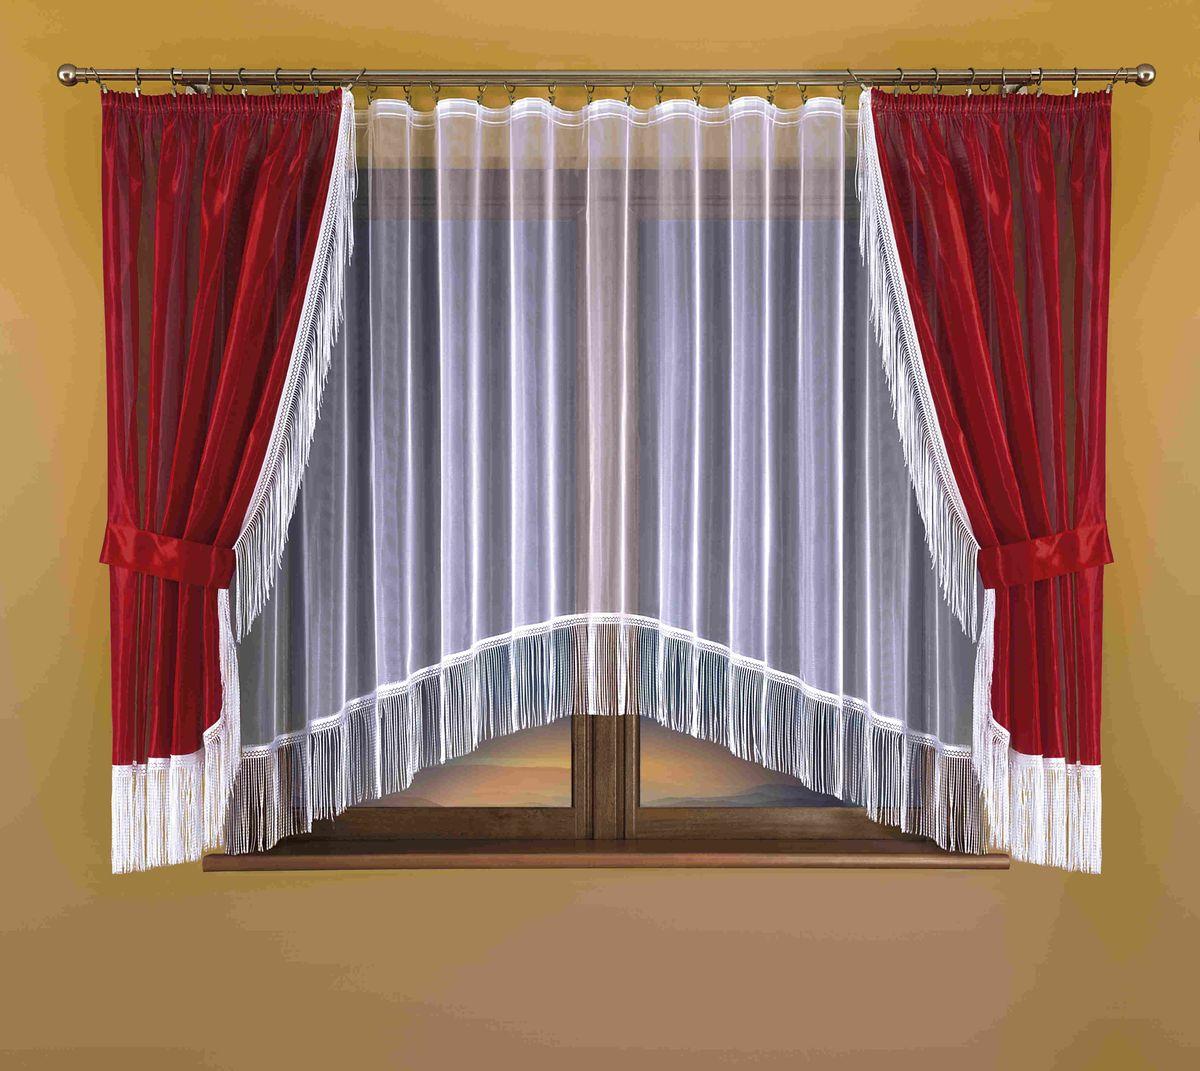 Комплект штор для кухни Wisan Hana, на ленте, цвет: белый, бордо, высота 170 см